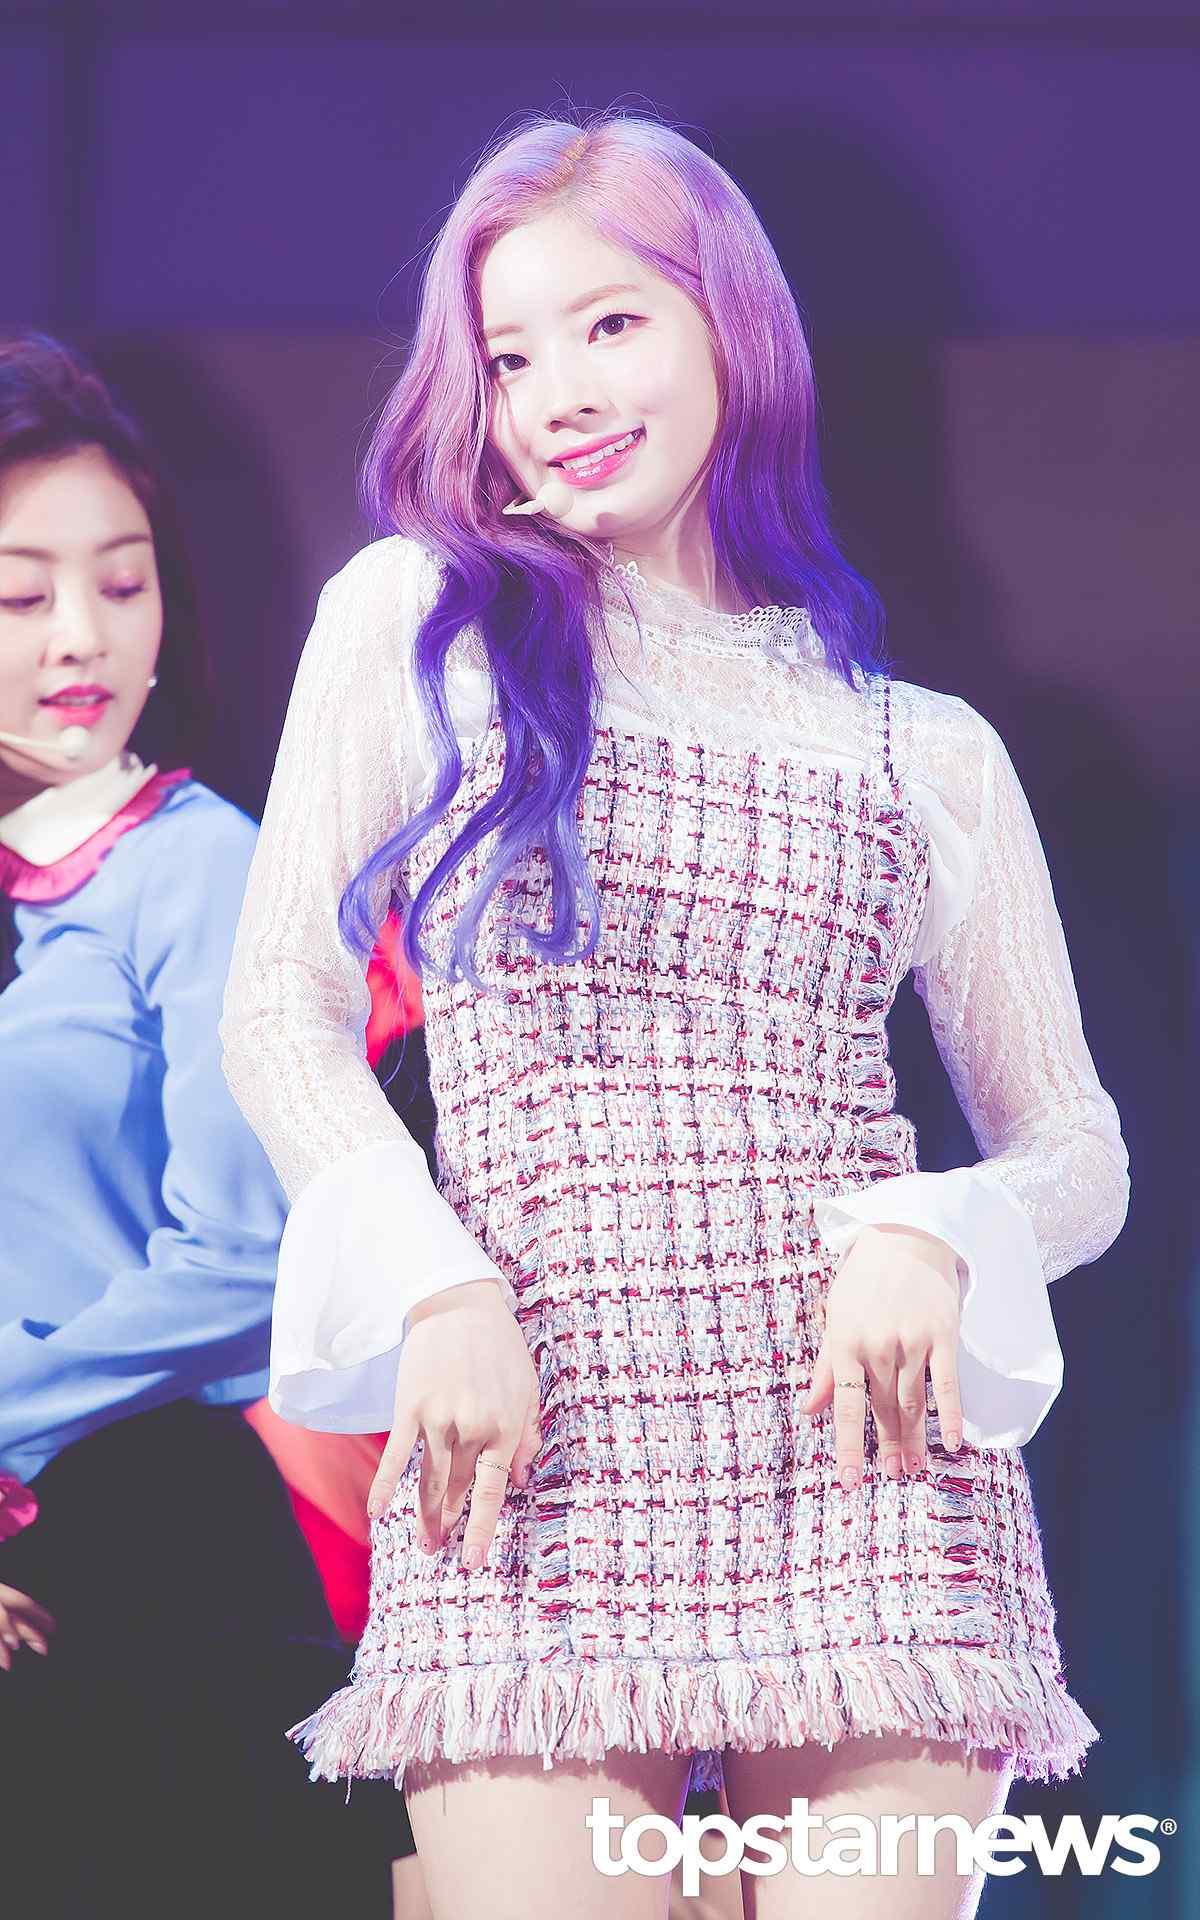 多賢則是利用蕾絲上衣搭配小香風的連身裙,整體非常有氣質,配上紫色的漸層髮,反而有種混血兒氣息,正好配上多賢白皙的肌膚,剛好能夠襯托出她的美貌。